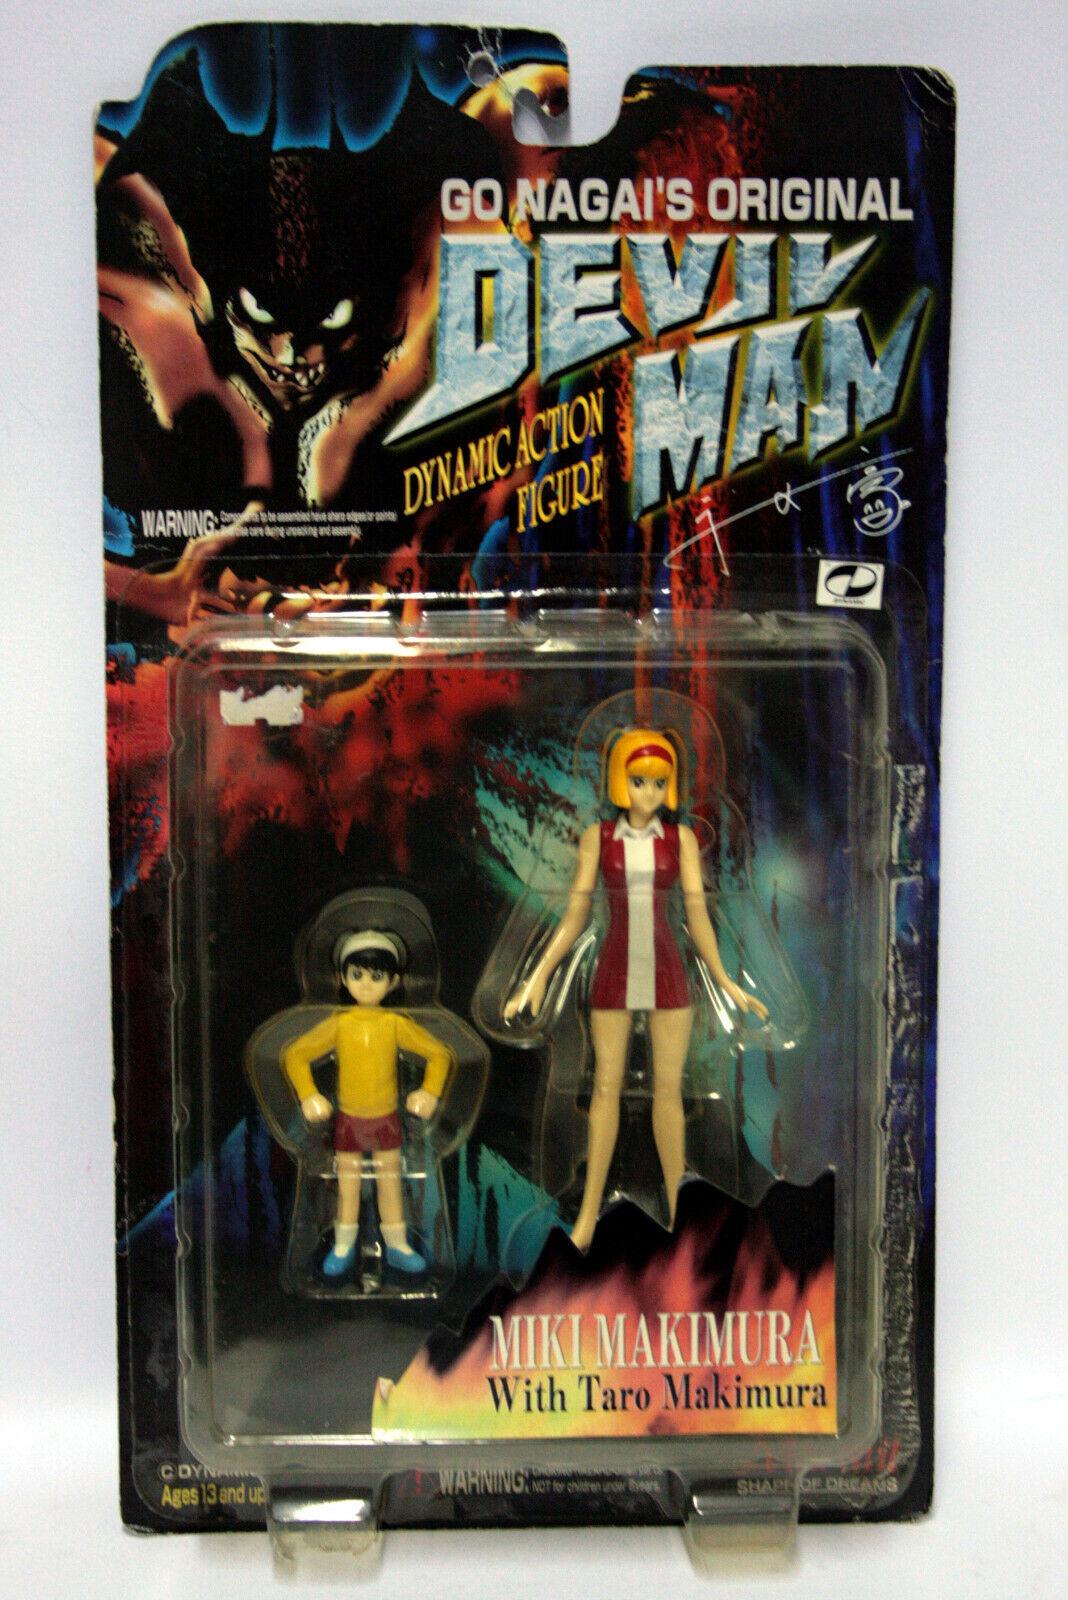 DEVIL uomo MARMIT  MIKI MAKIMURA TARO MAKIMURA 1998 NUOVO IN BLISTER 62402  a prezzi accessibili